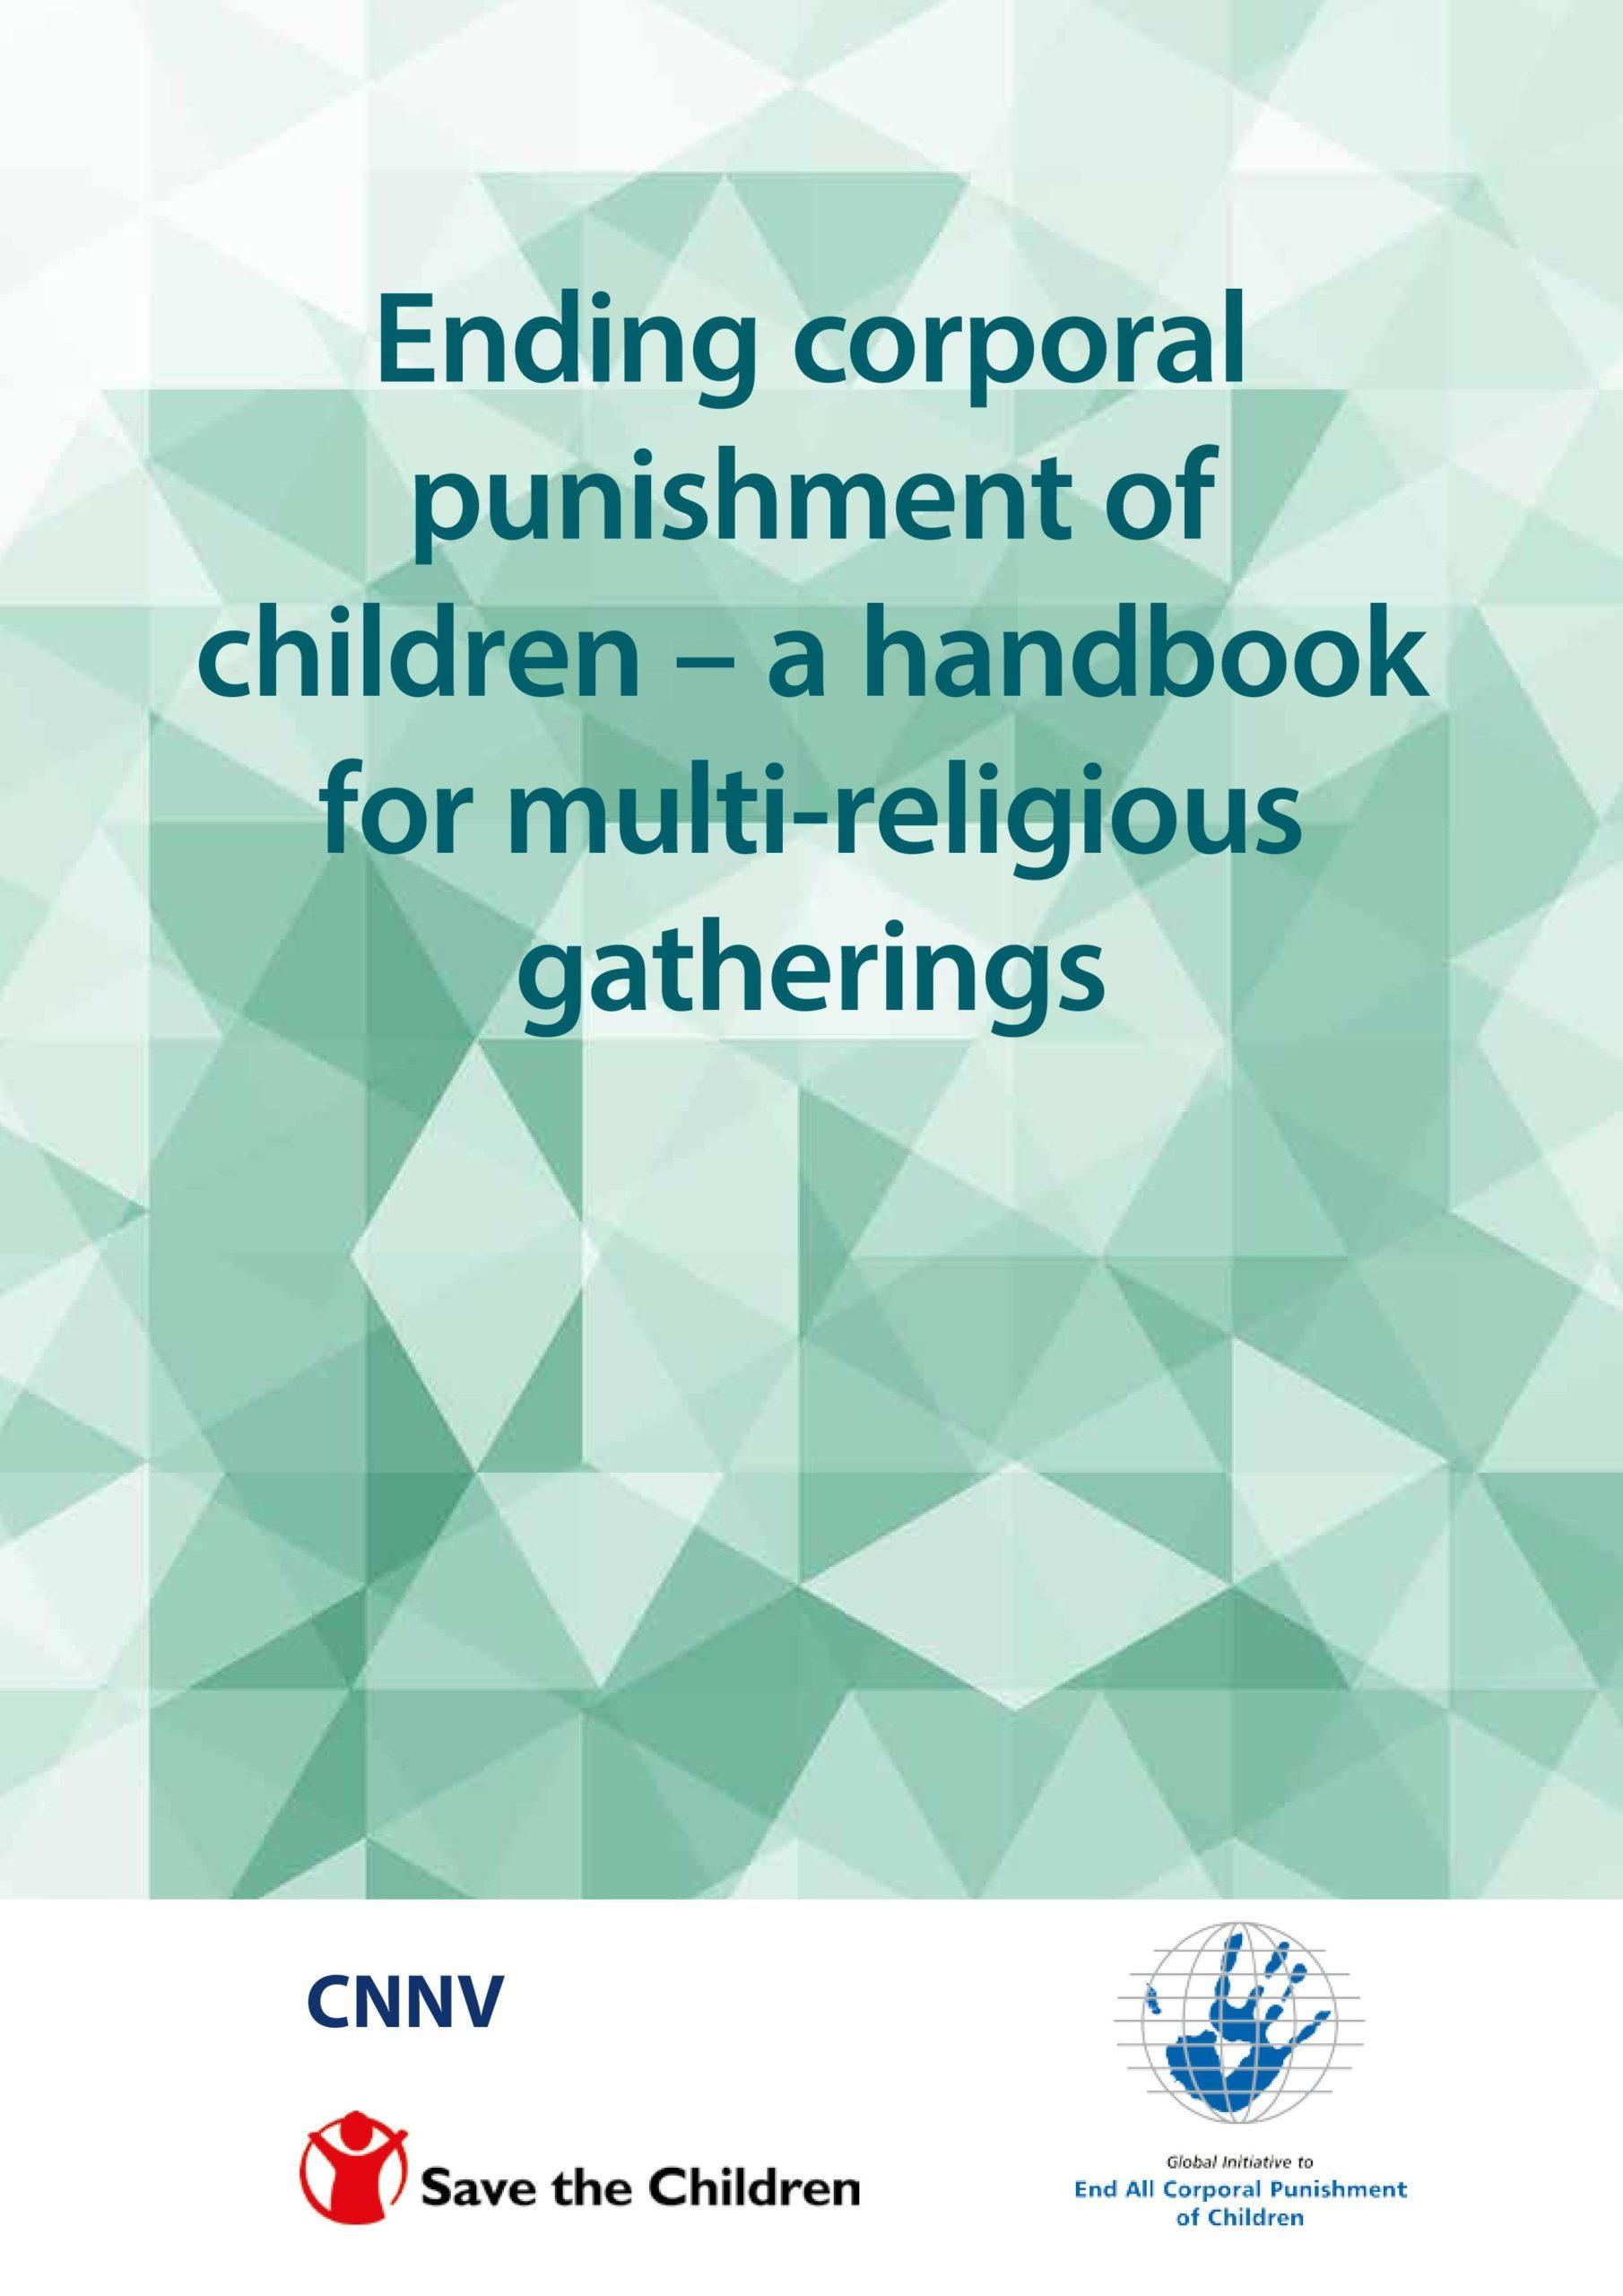 Multi-religious-handbook-2016-cover